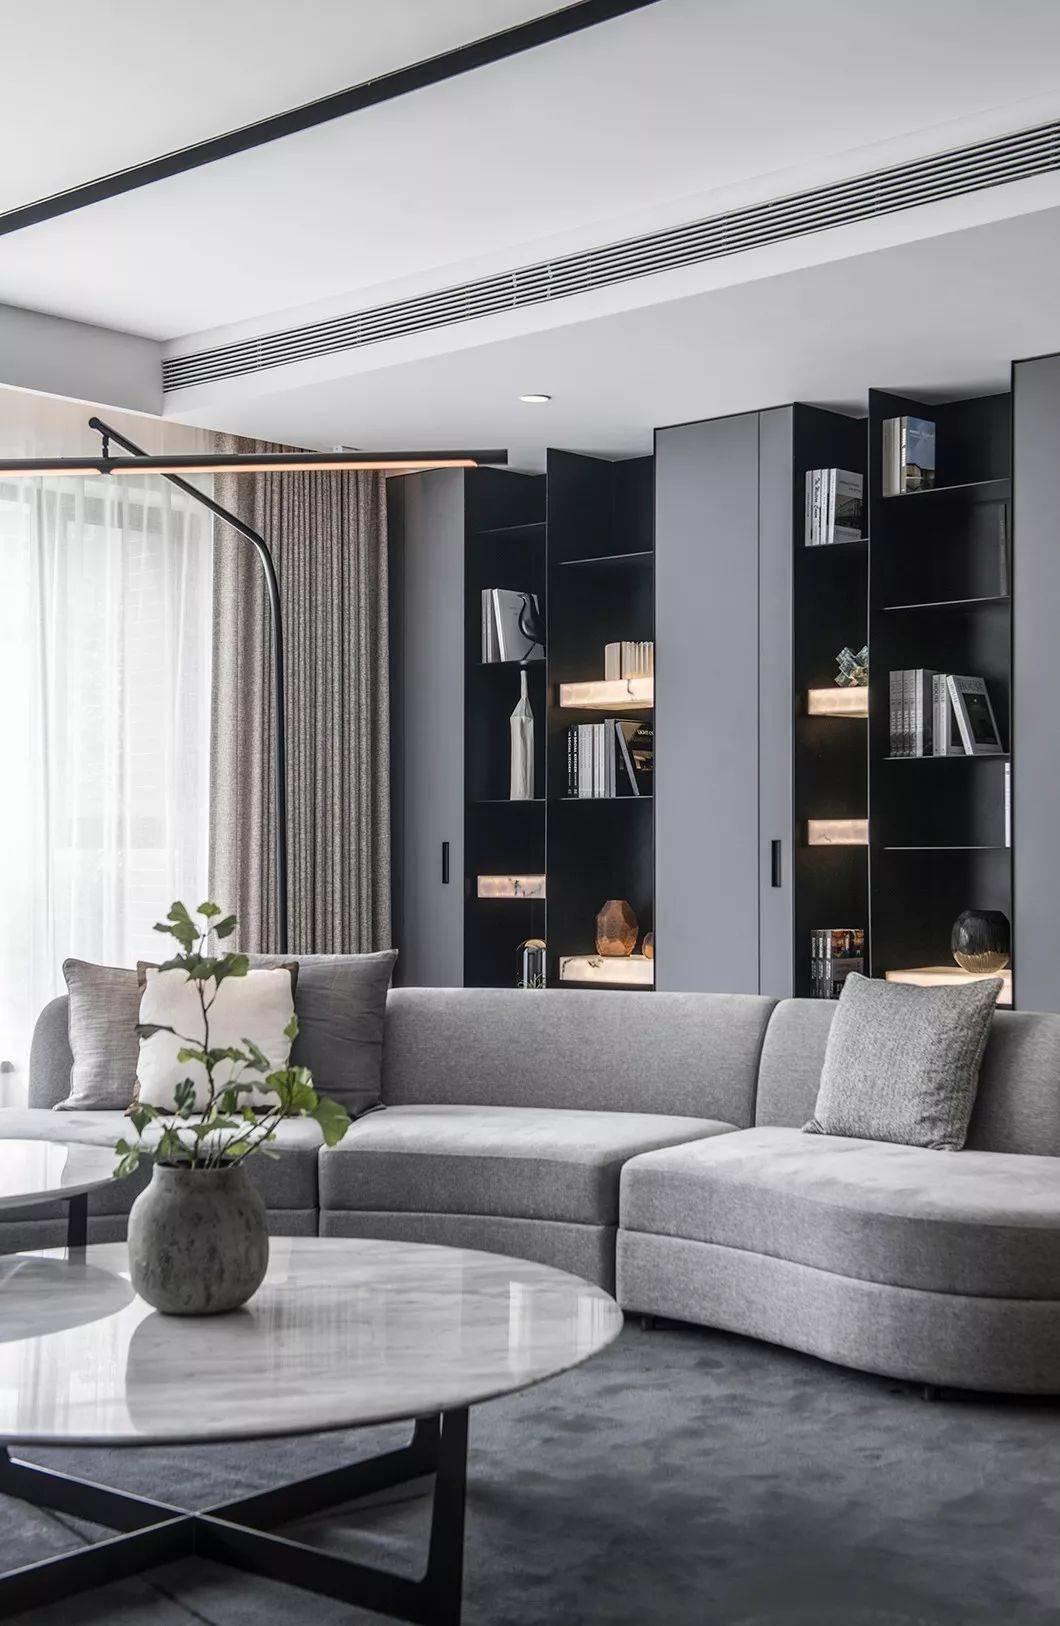 别墅软装中沙发摆放的原则也需遵循风水